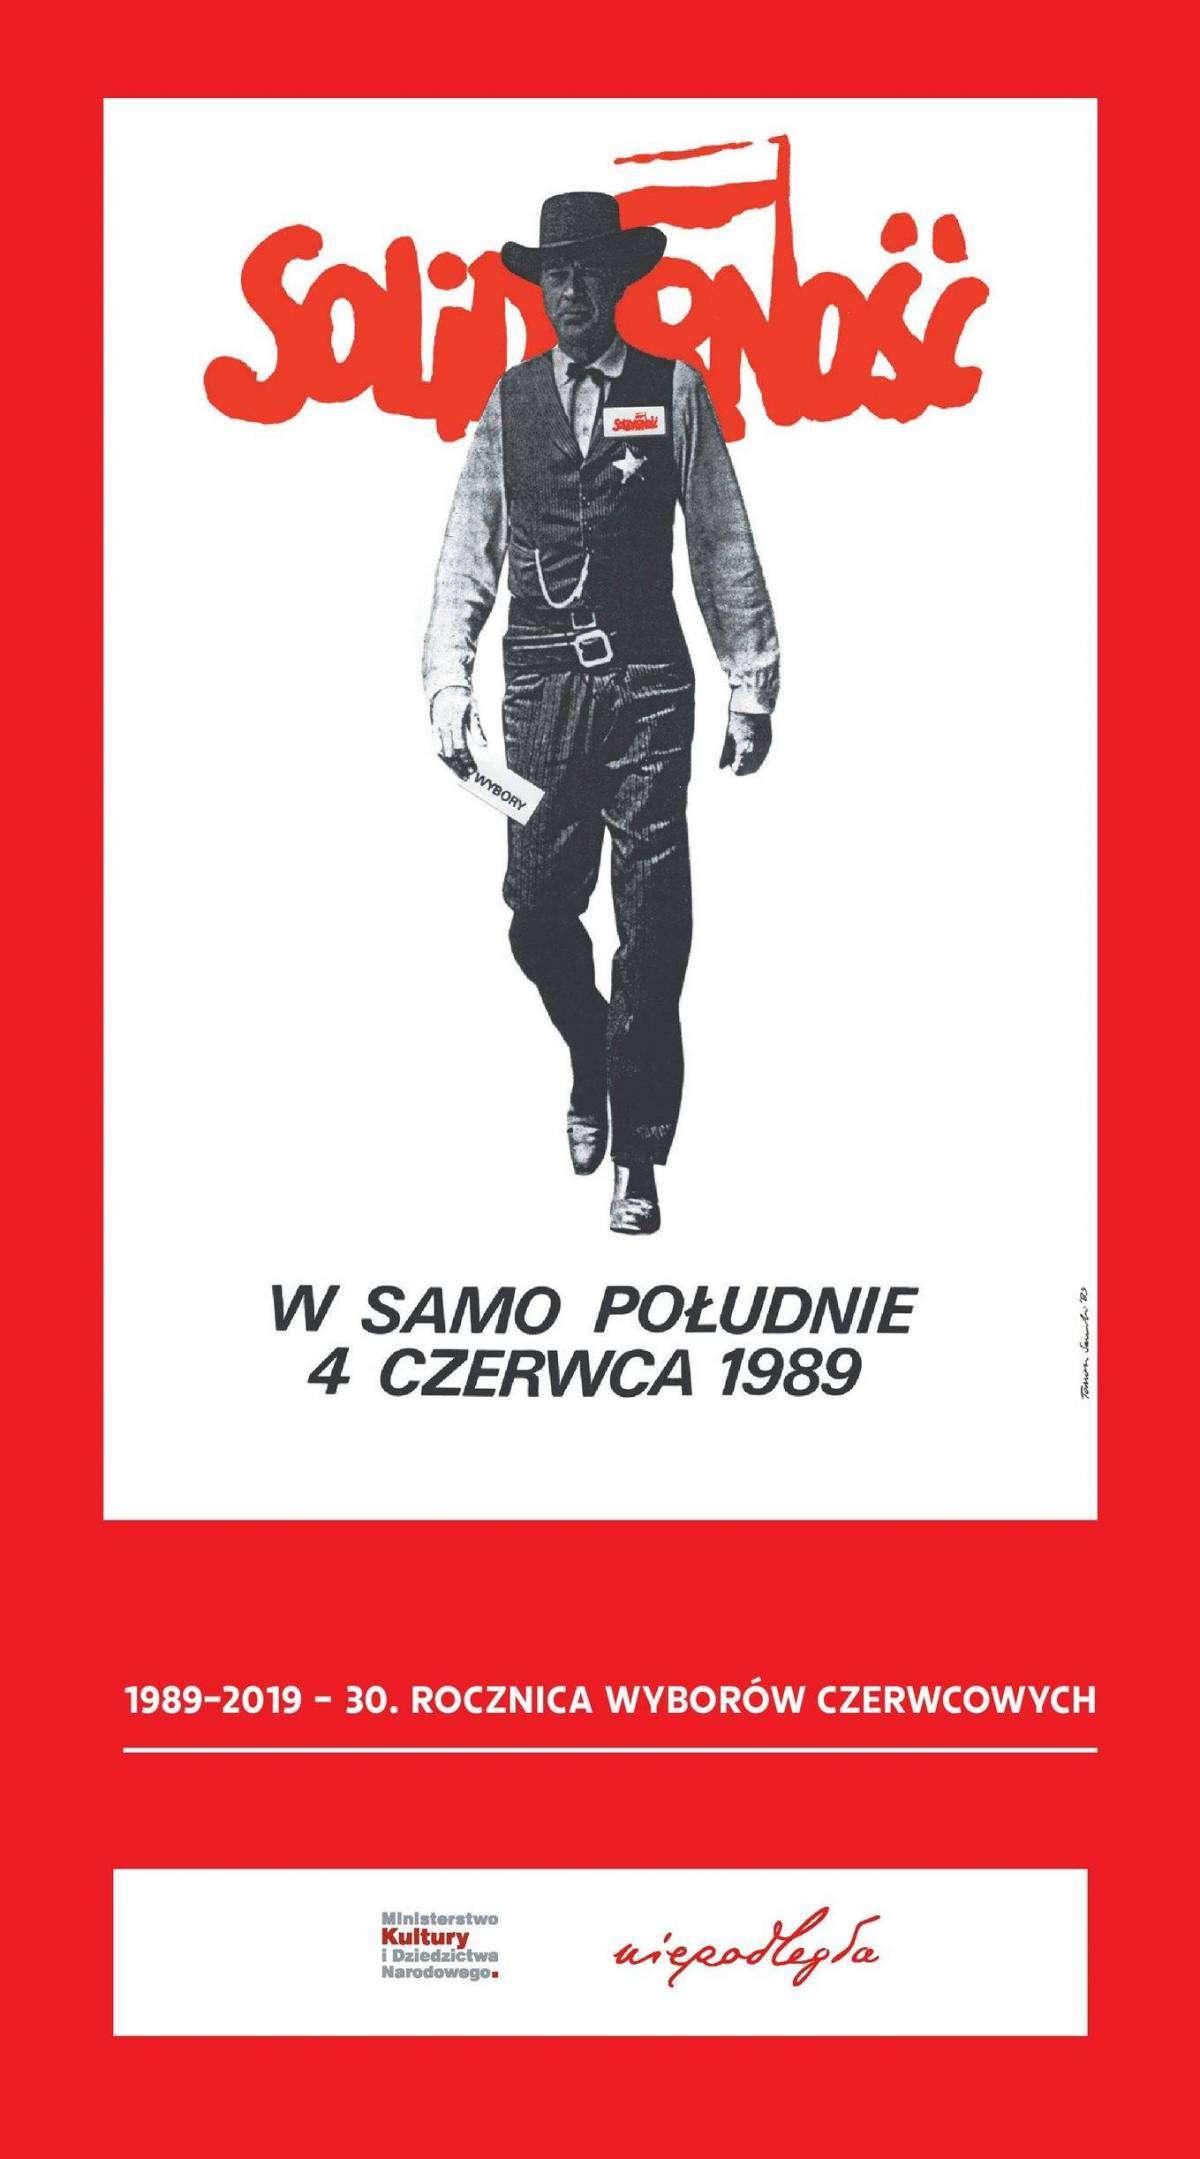 plakat-upamiętniający-30-rocznicę-wolnych-wyborów-w-Polsce